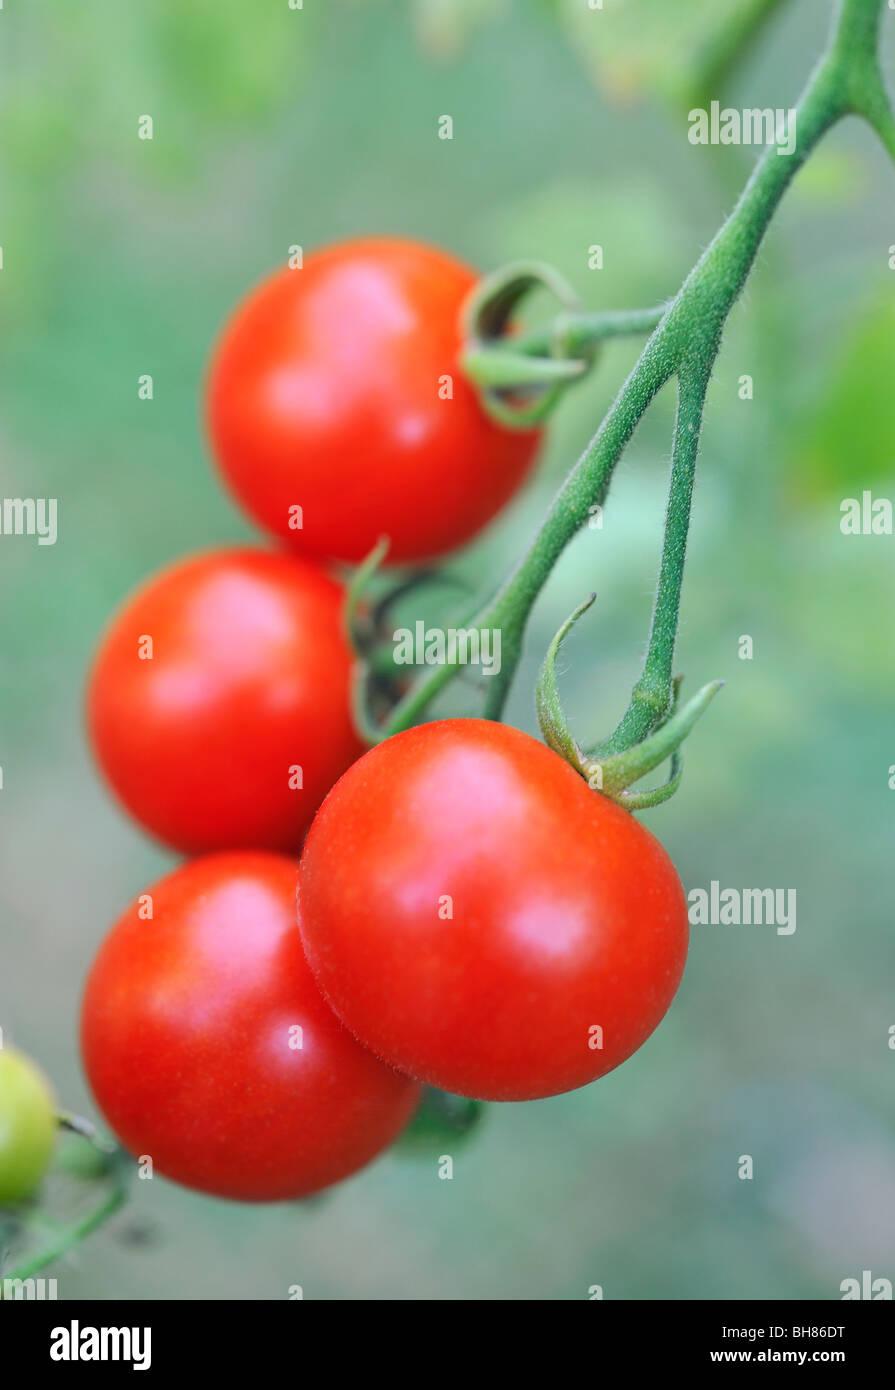 Pomodori che crescono su vite Immagini Stock